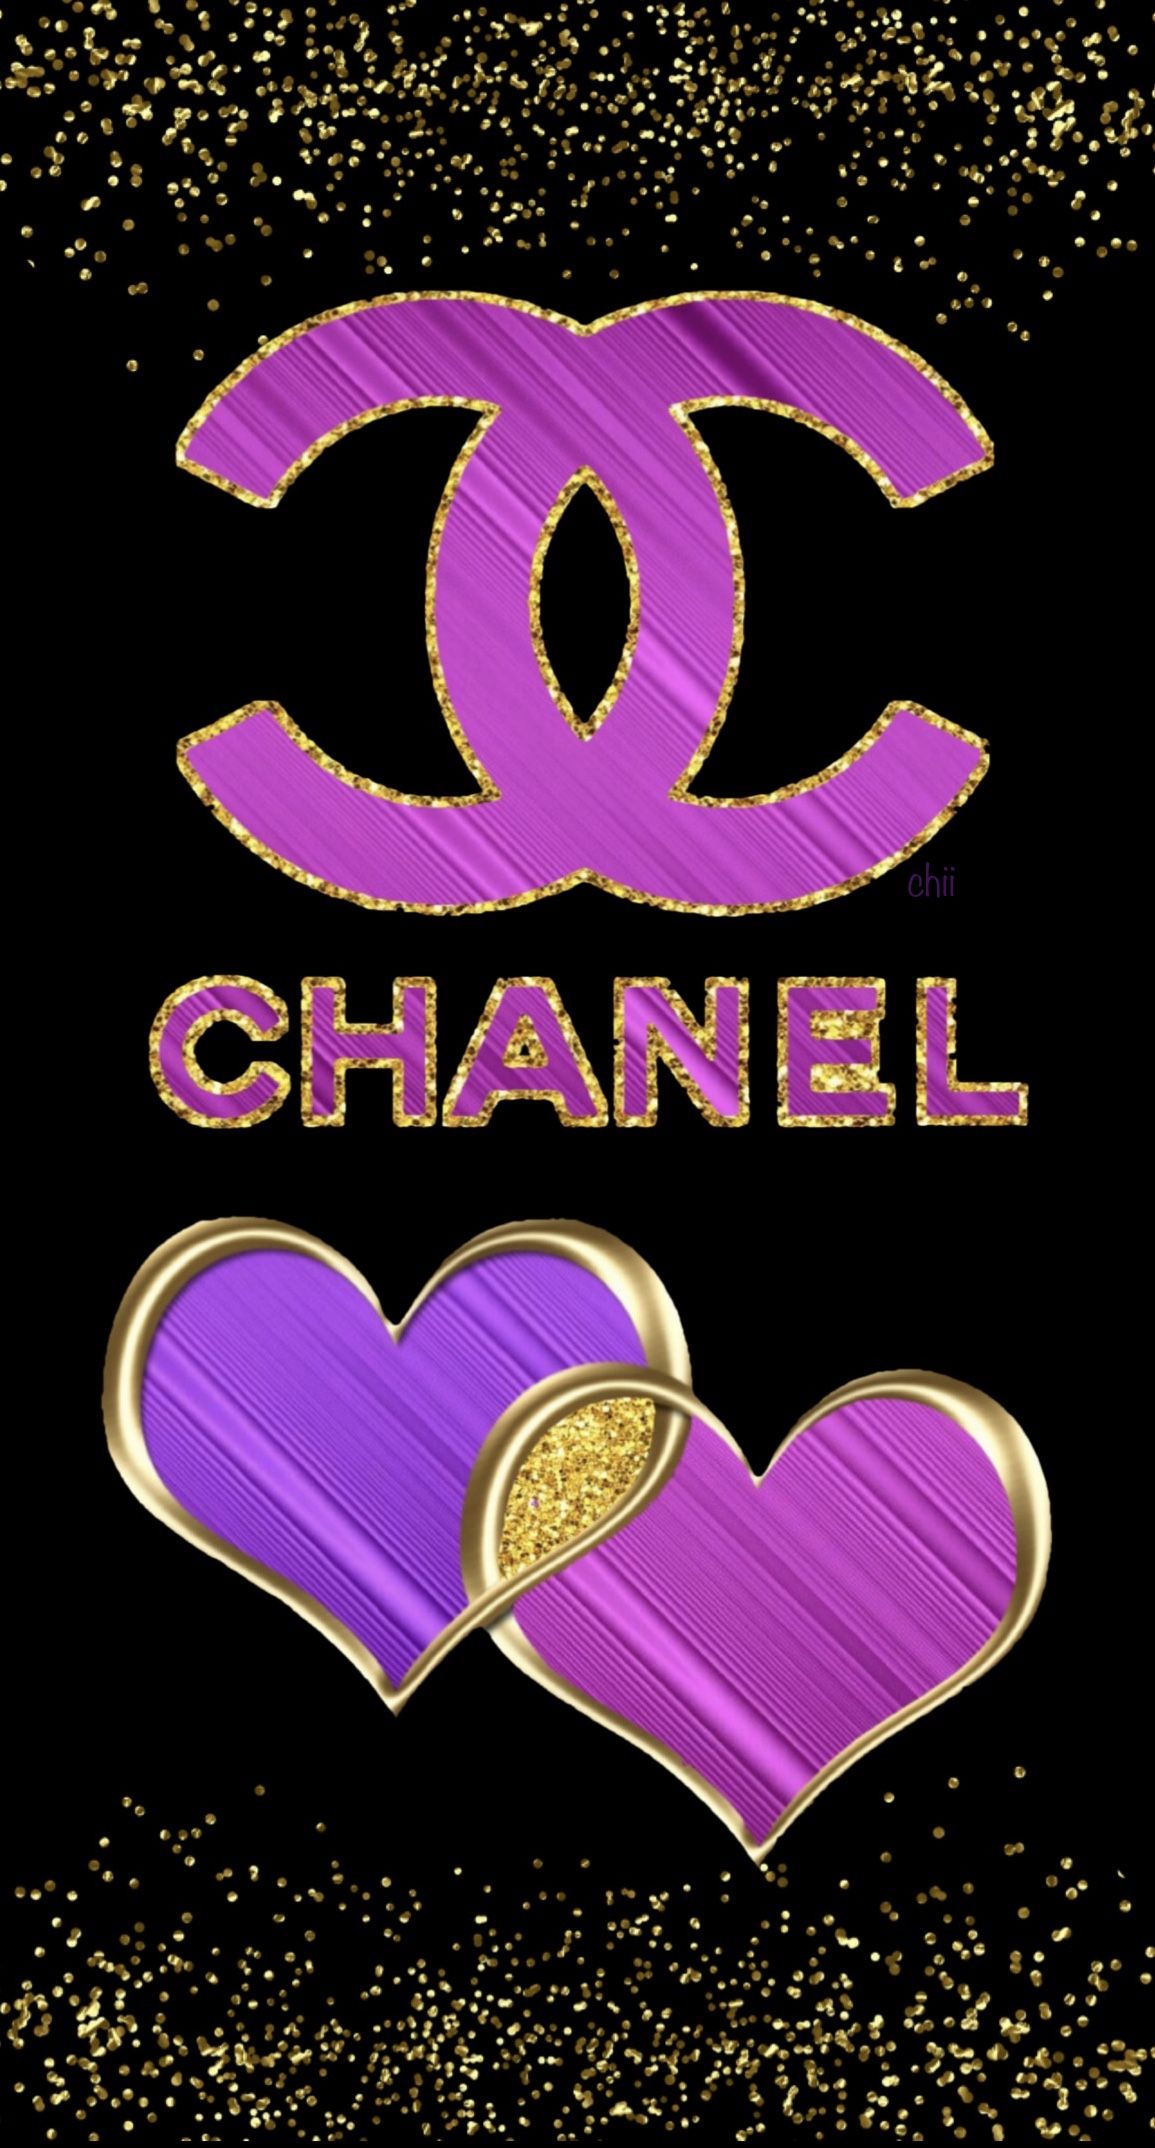 Chanel の画像 投稿者 Chiitan さん